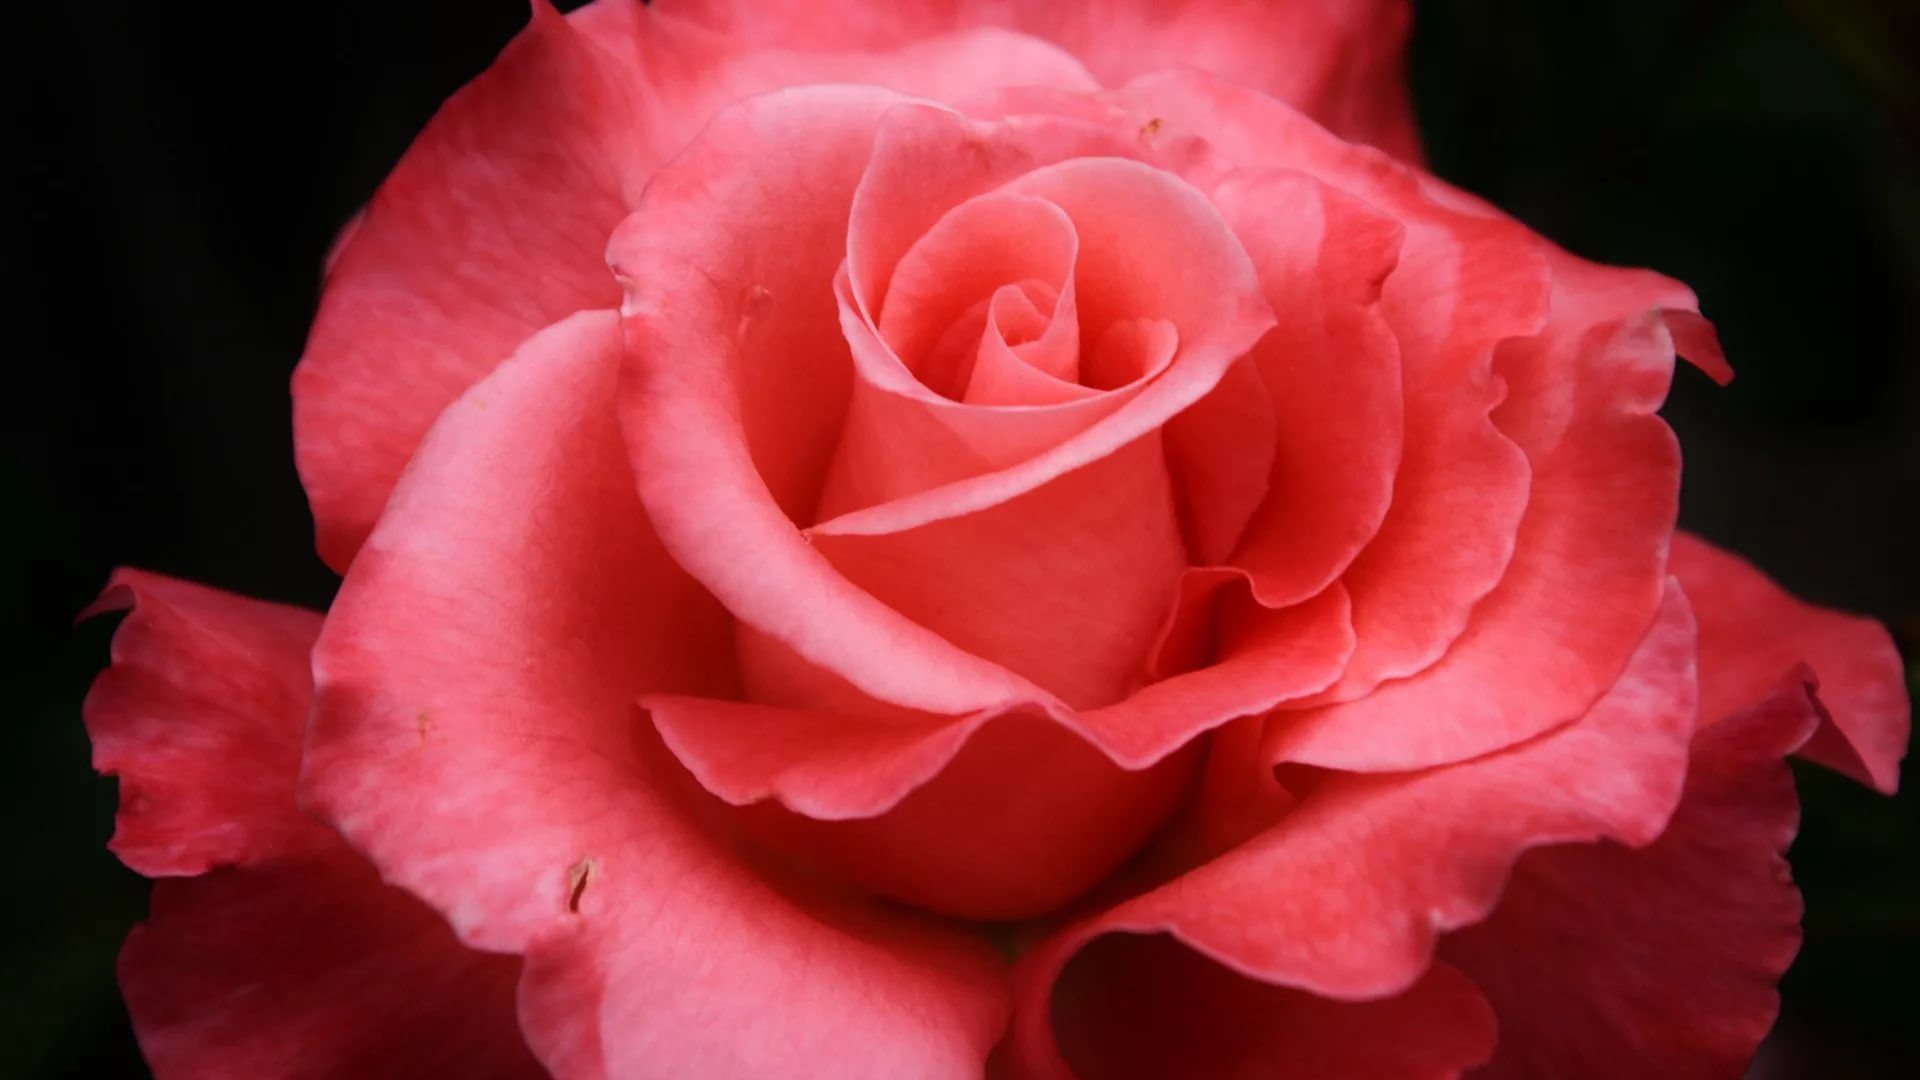 Rose Screensaver Free Wallpaper